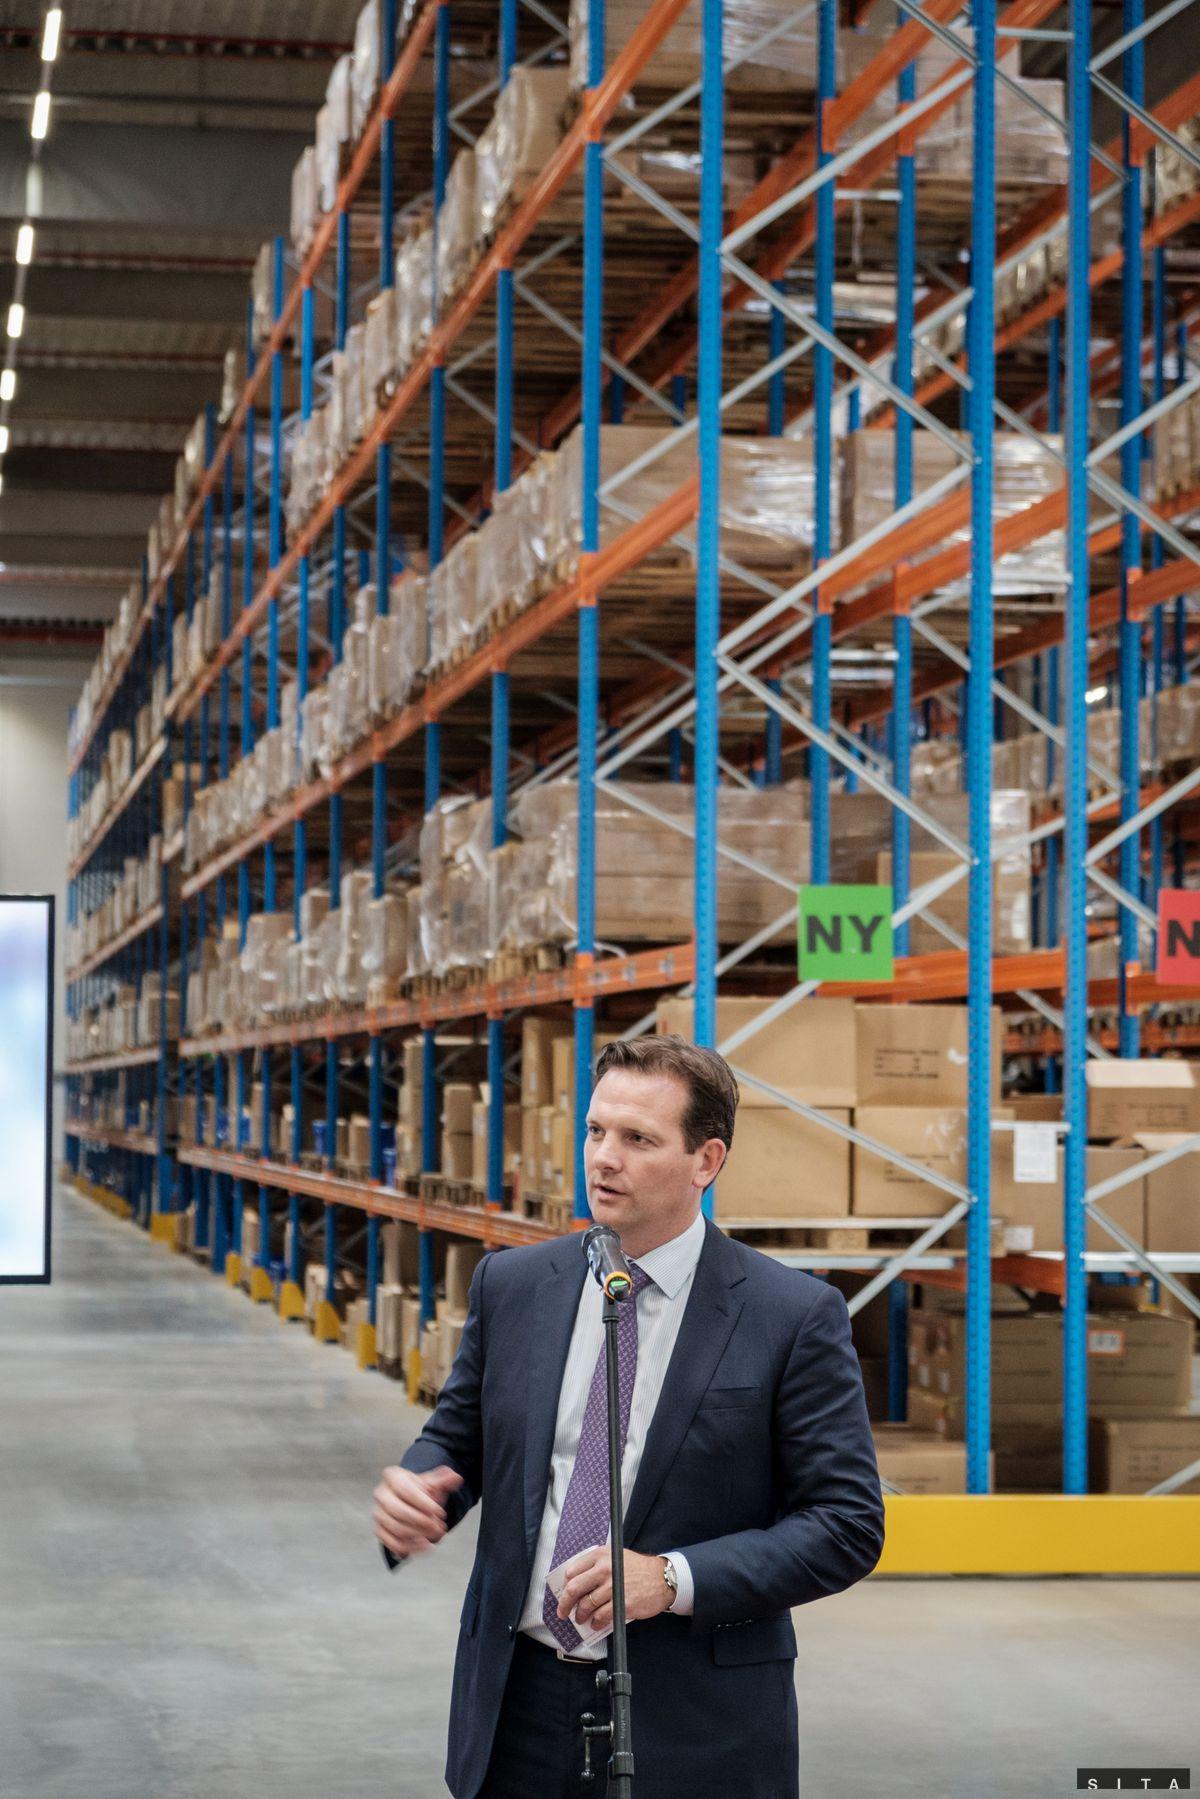 c5102e2f0305e Obchody sa predháňajú v distribučných centrách - Ekonomika - Správy ...